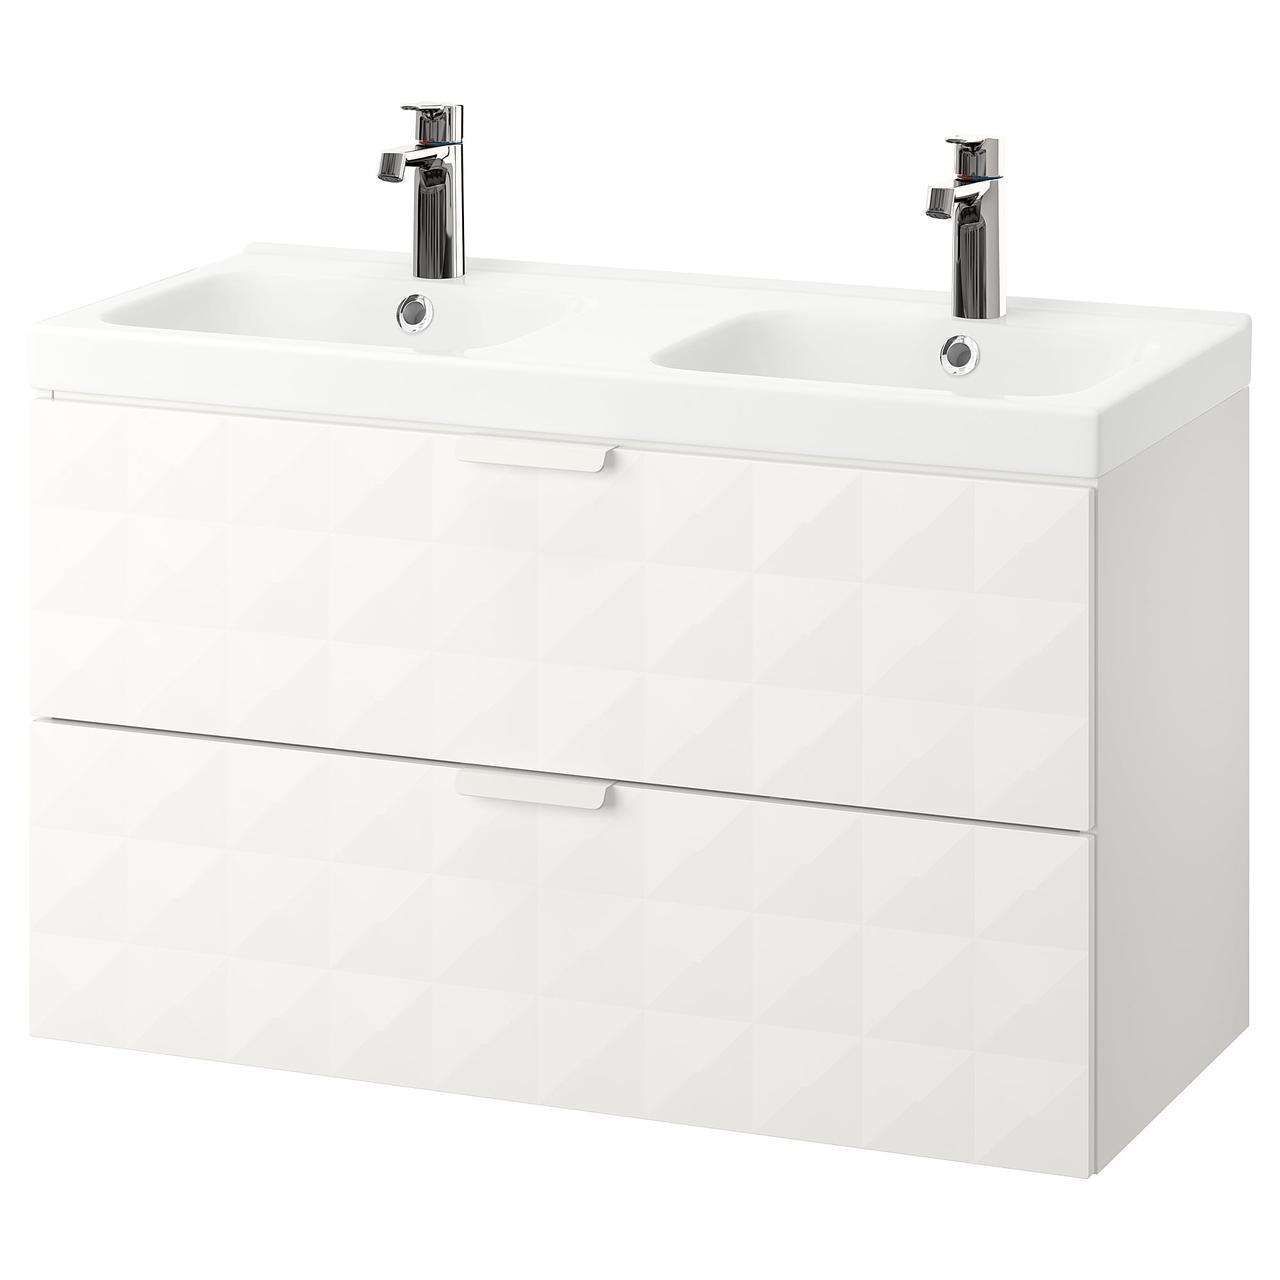 IKEA GODMORGON/ODENSVIK Шкаф под умывальник с раковиной, белый  (992.473.85)